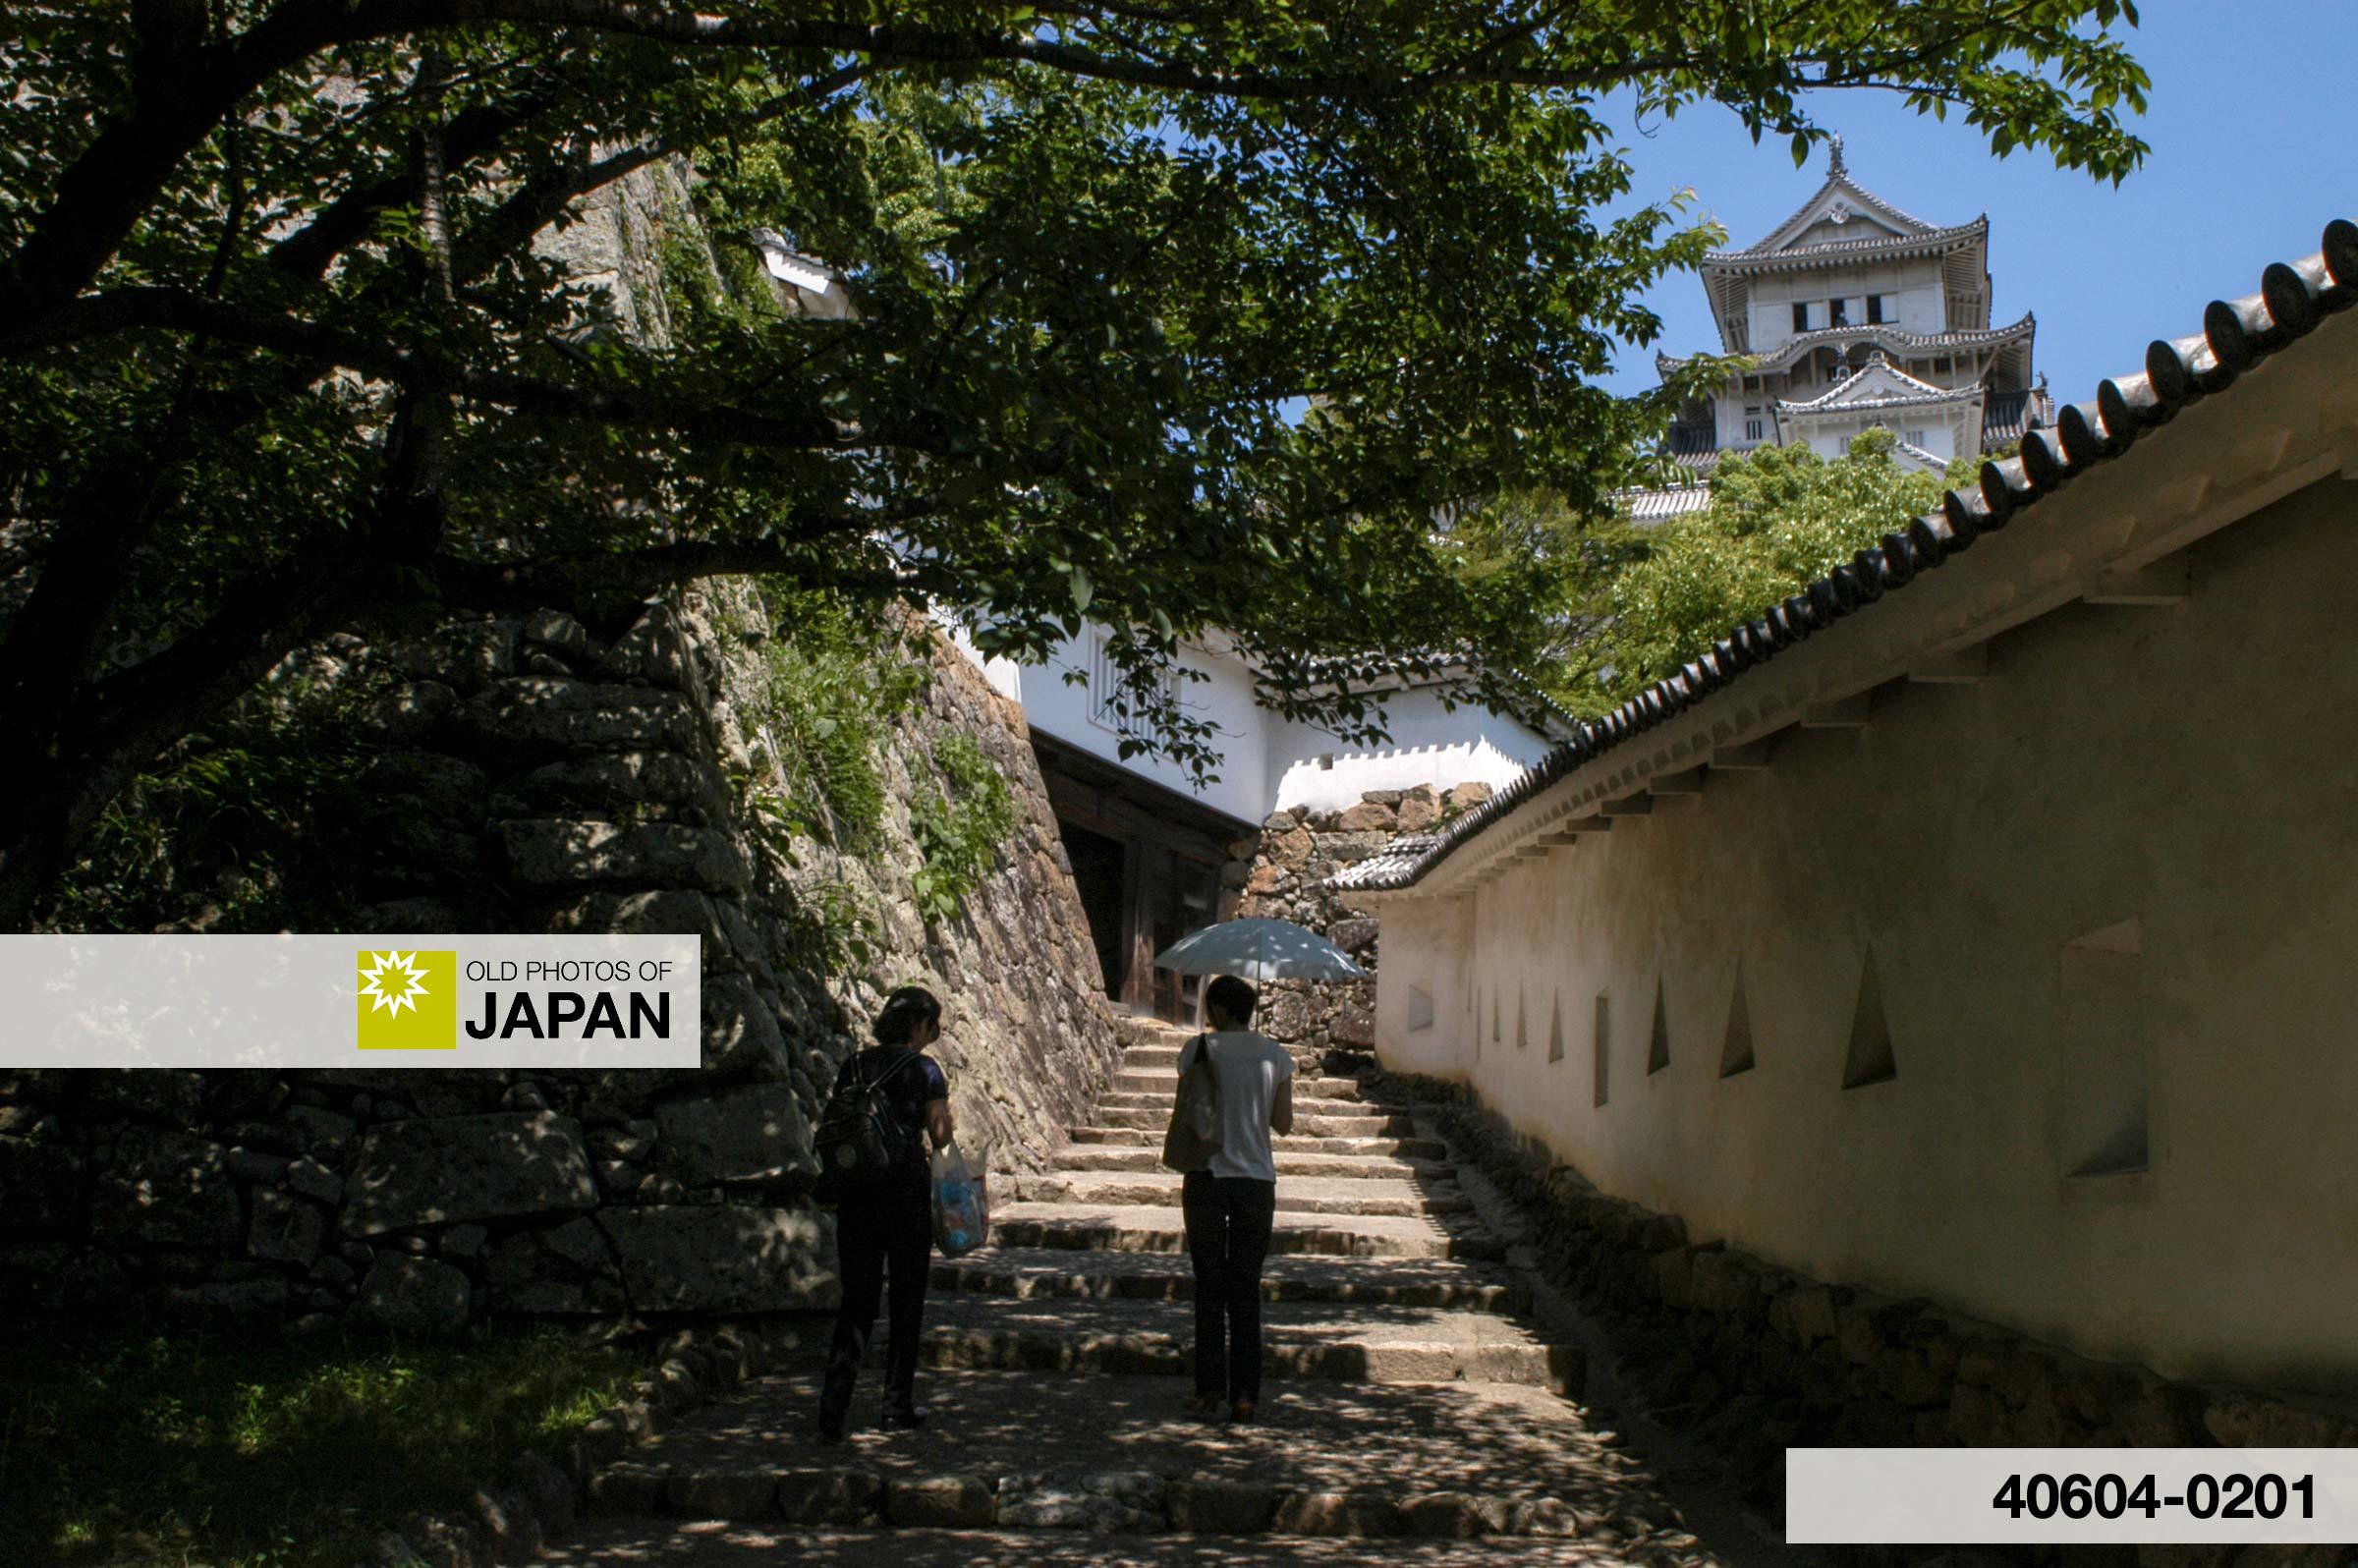 A passage inside Himeji Castle